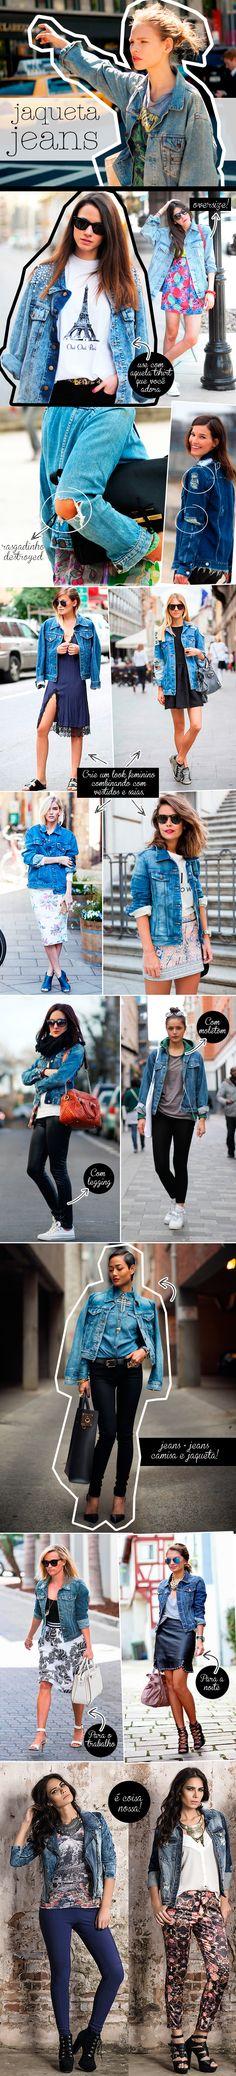 A jaquetinha jeans é a peça perfeita para aquecer e complementar o visual com atitude. O jeans é o tecido chave desse inverno e vai muito além do básico! Separamos várias imagens de street style que mostram com o que e como usar a peça, vem espiar!